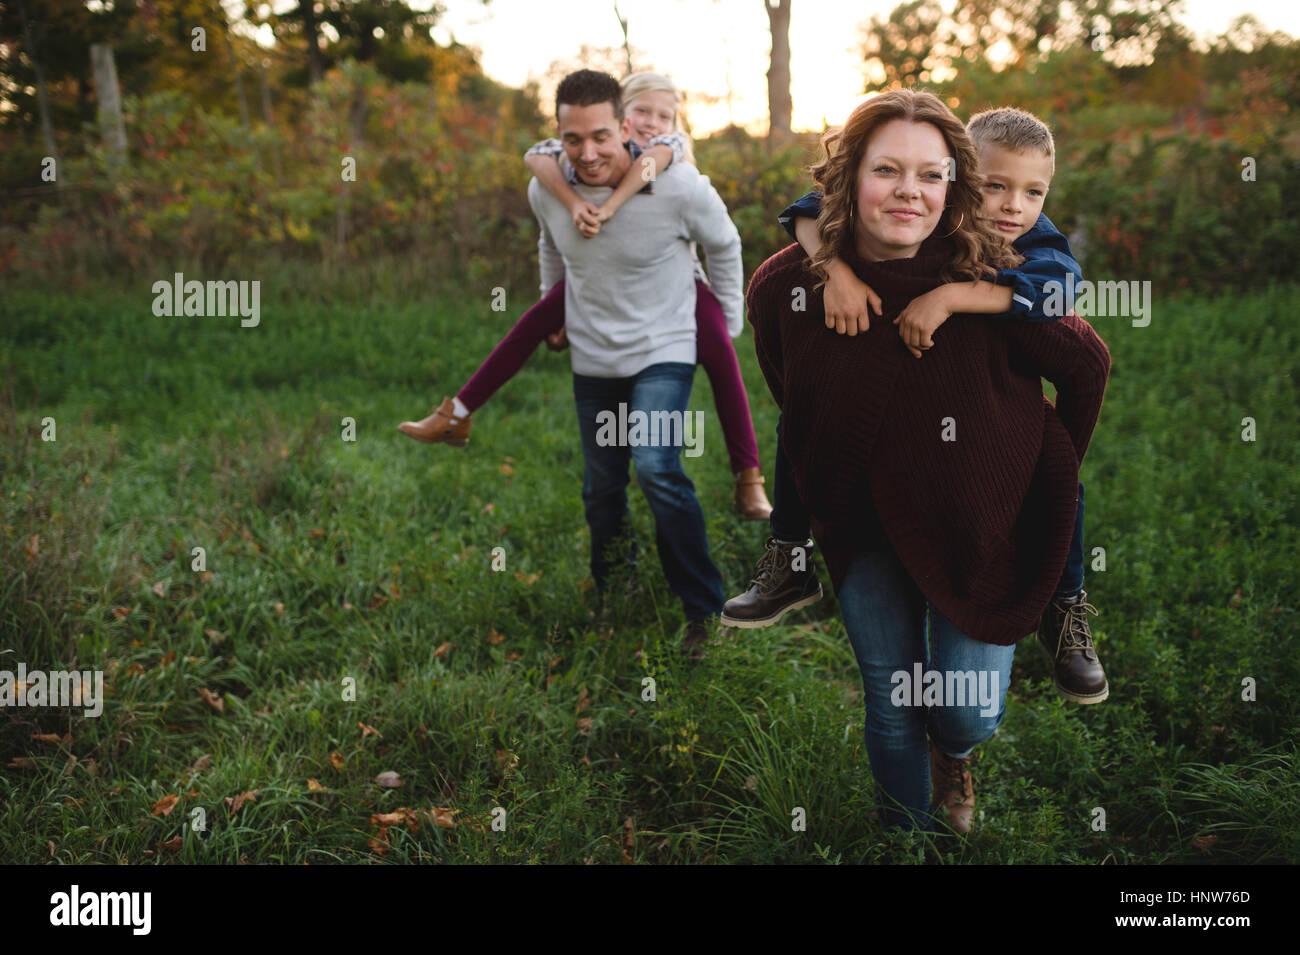 Donner aux enfants les parents piggy back in field Photo Stock